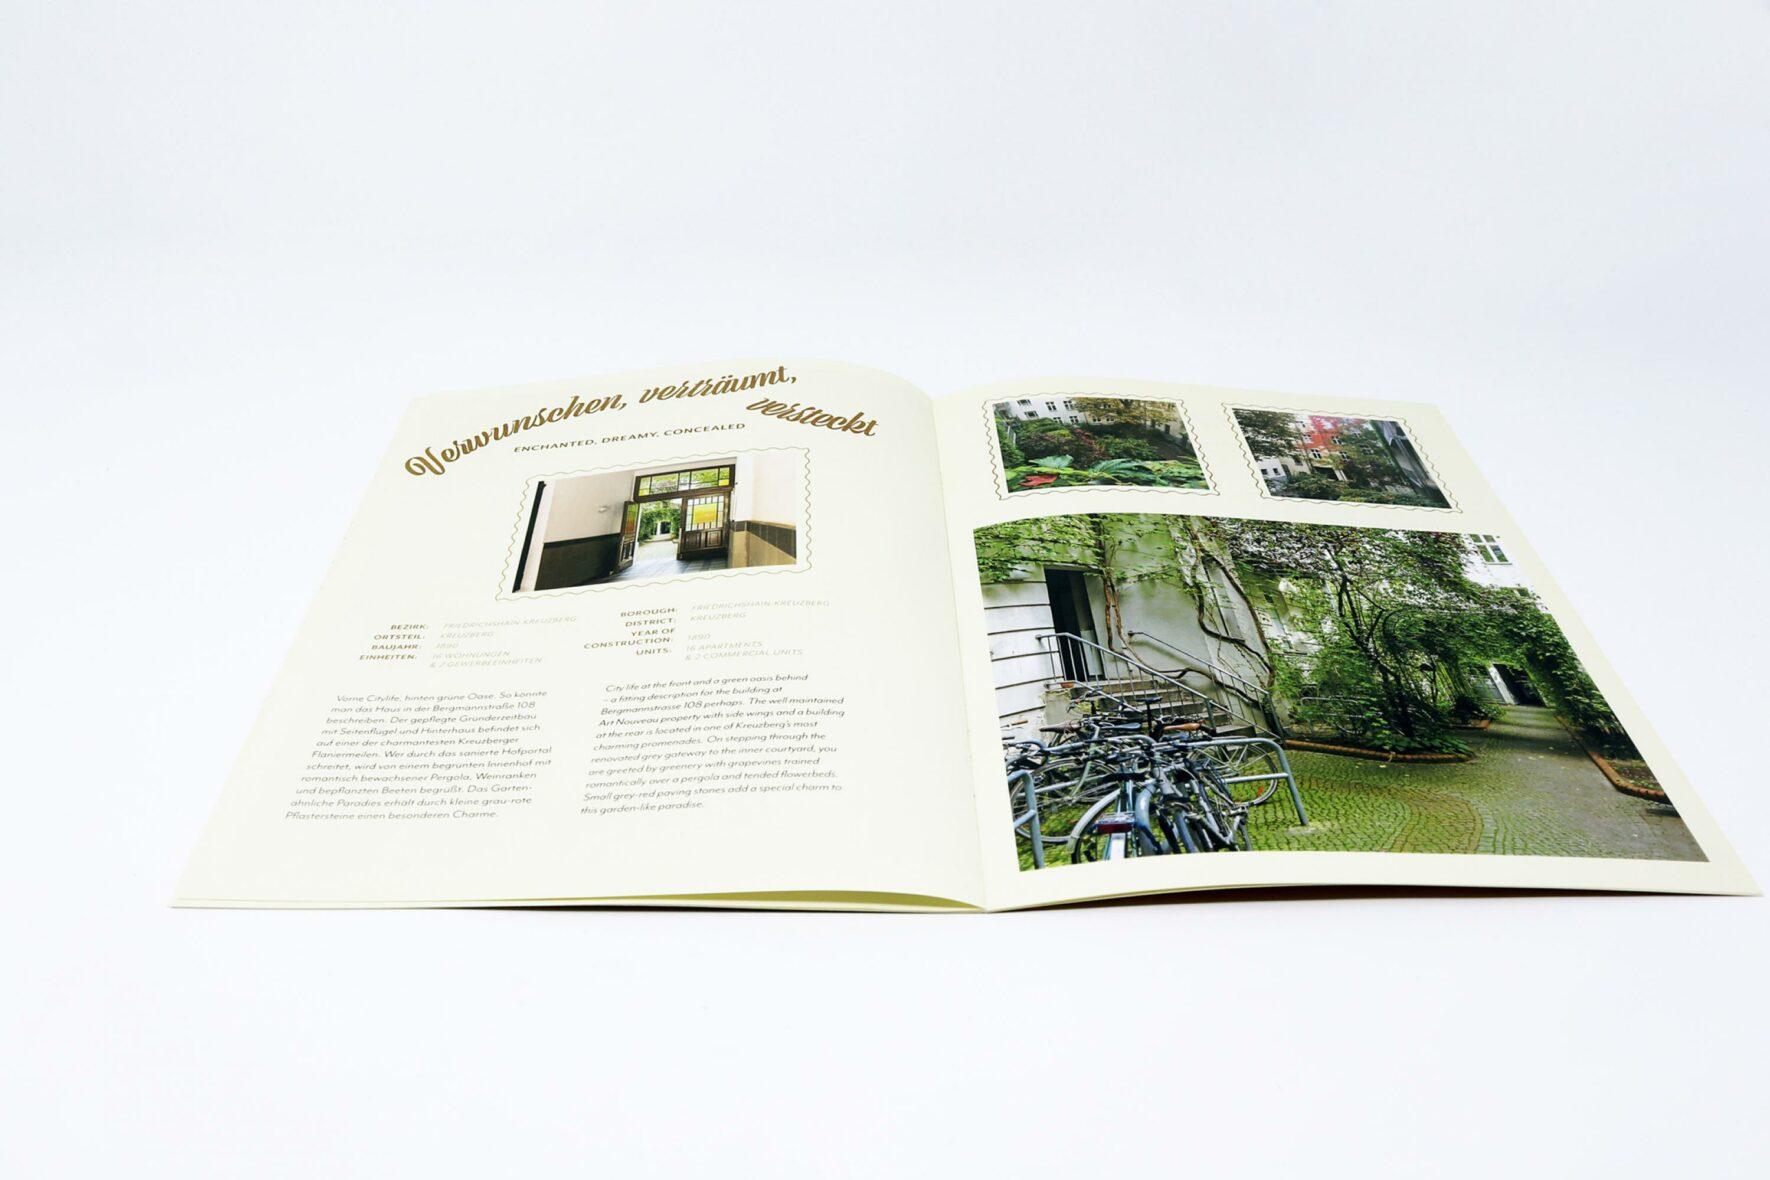 Corporate_Design-Trendcity_Immobilien-Broschüre-Bergmann-Layout-5